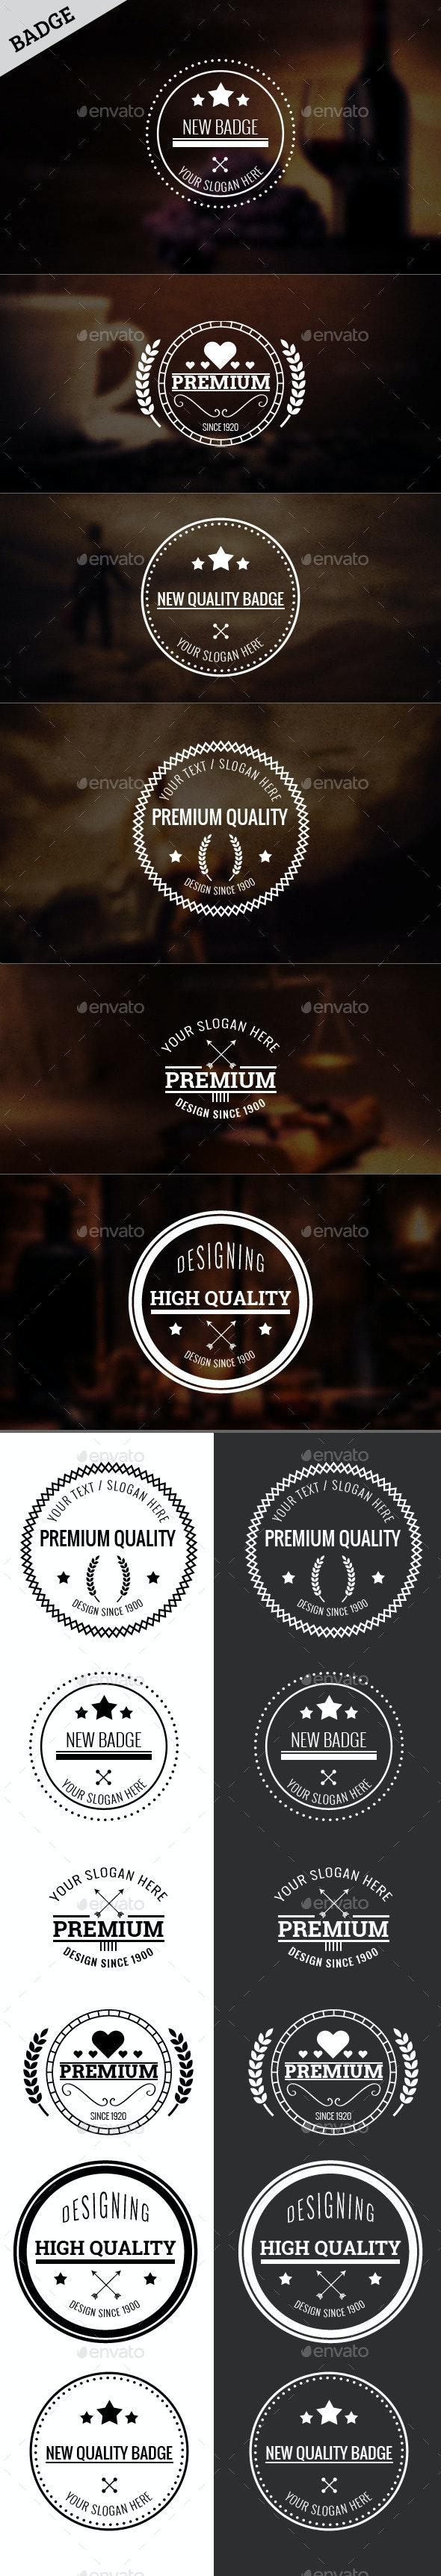 New Badges Vol. 4 - Badges & Stickers Web Elements